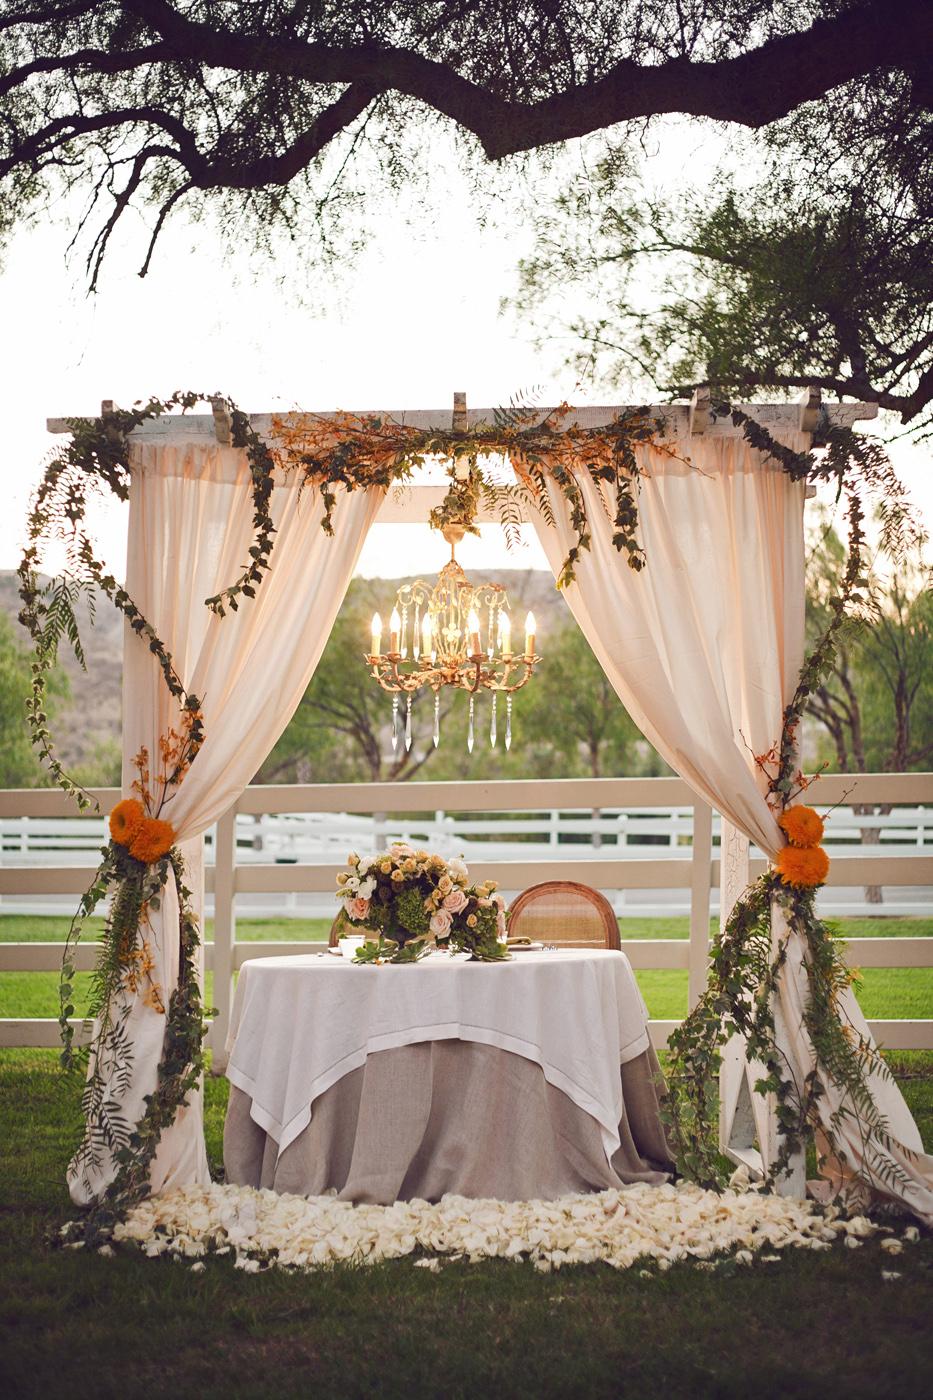 002_DukePhotography_DukeImages_Wedding_Details.jpg